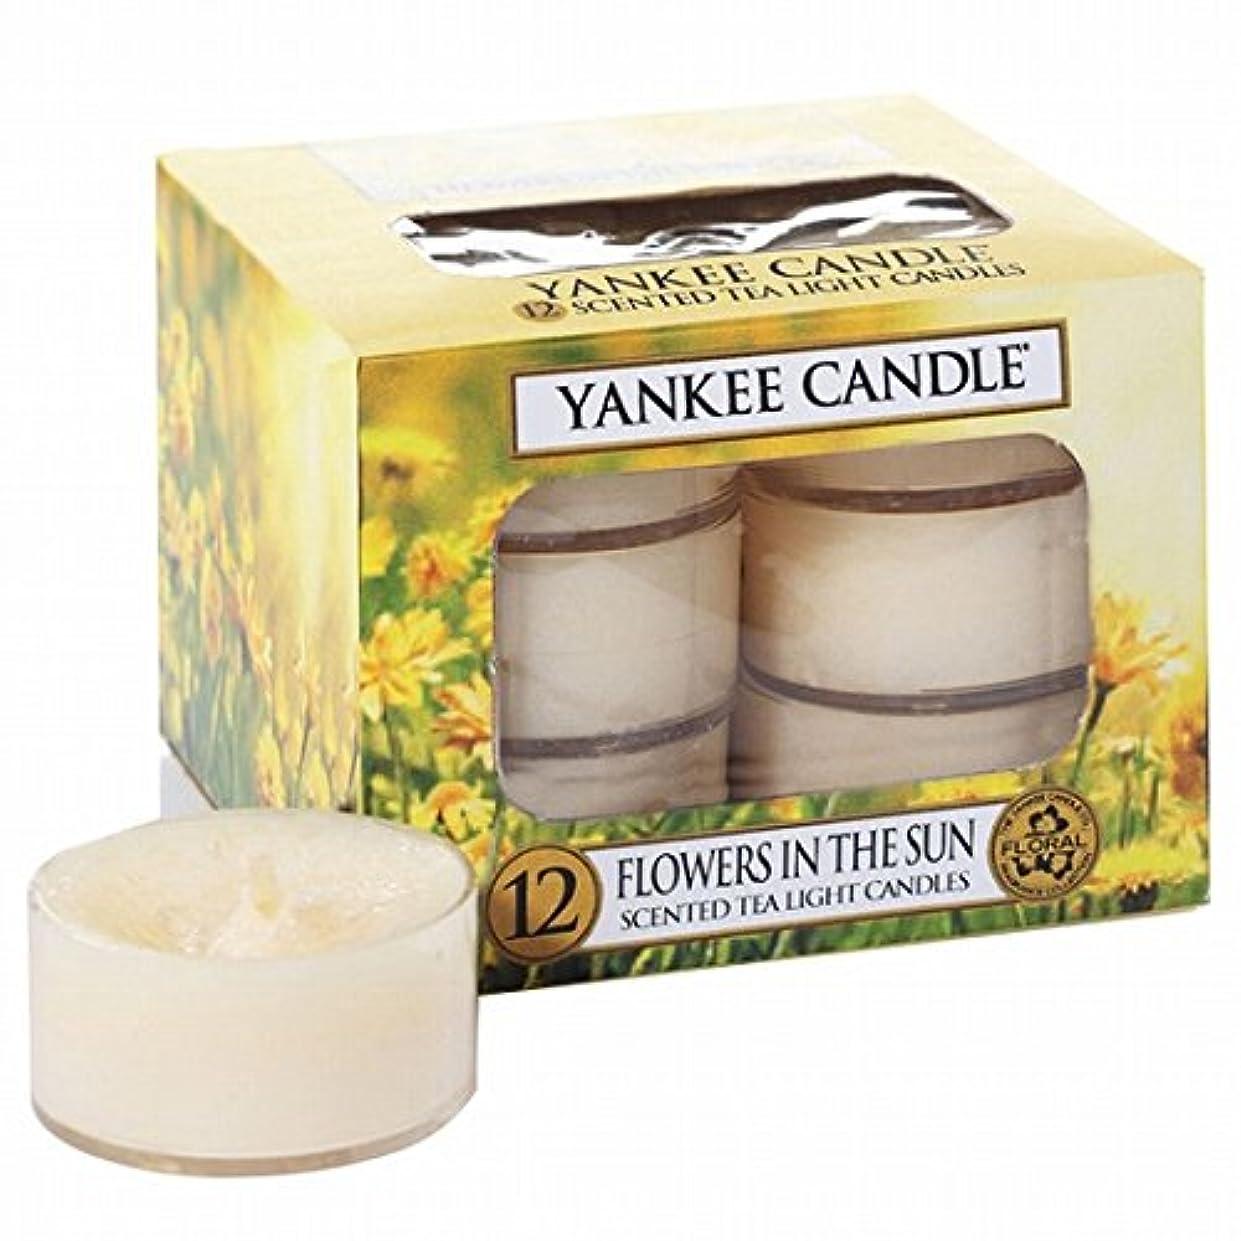 ボトルネックエスカレーターお願いしますヤンキーキャンドル( YANKEE CANDLE ) YANKEE CANDLE クリアカップティーライト12個入り 「フラワーインザサン」